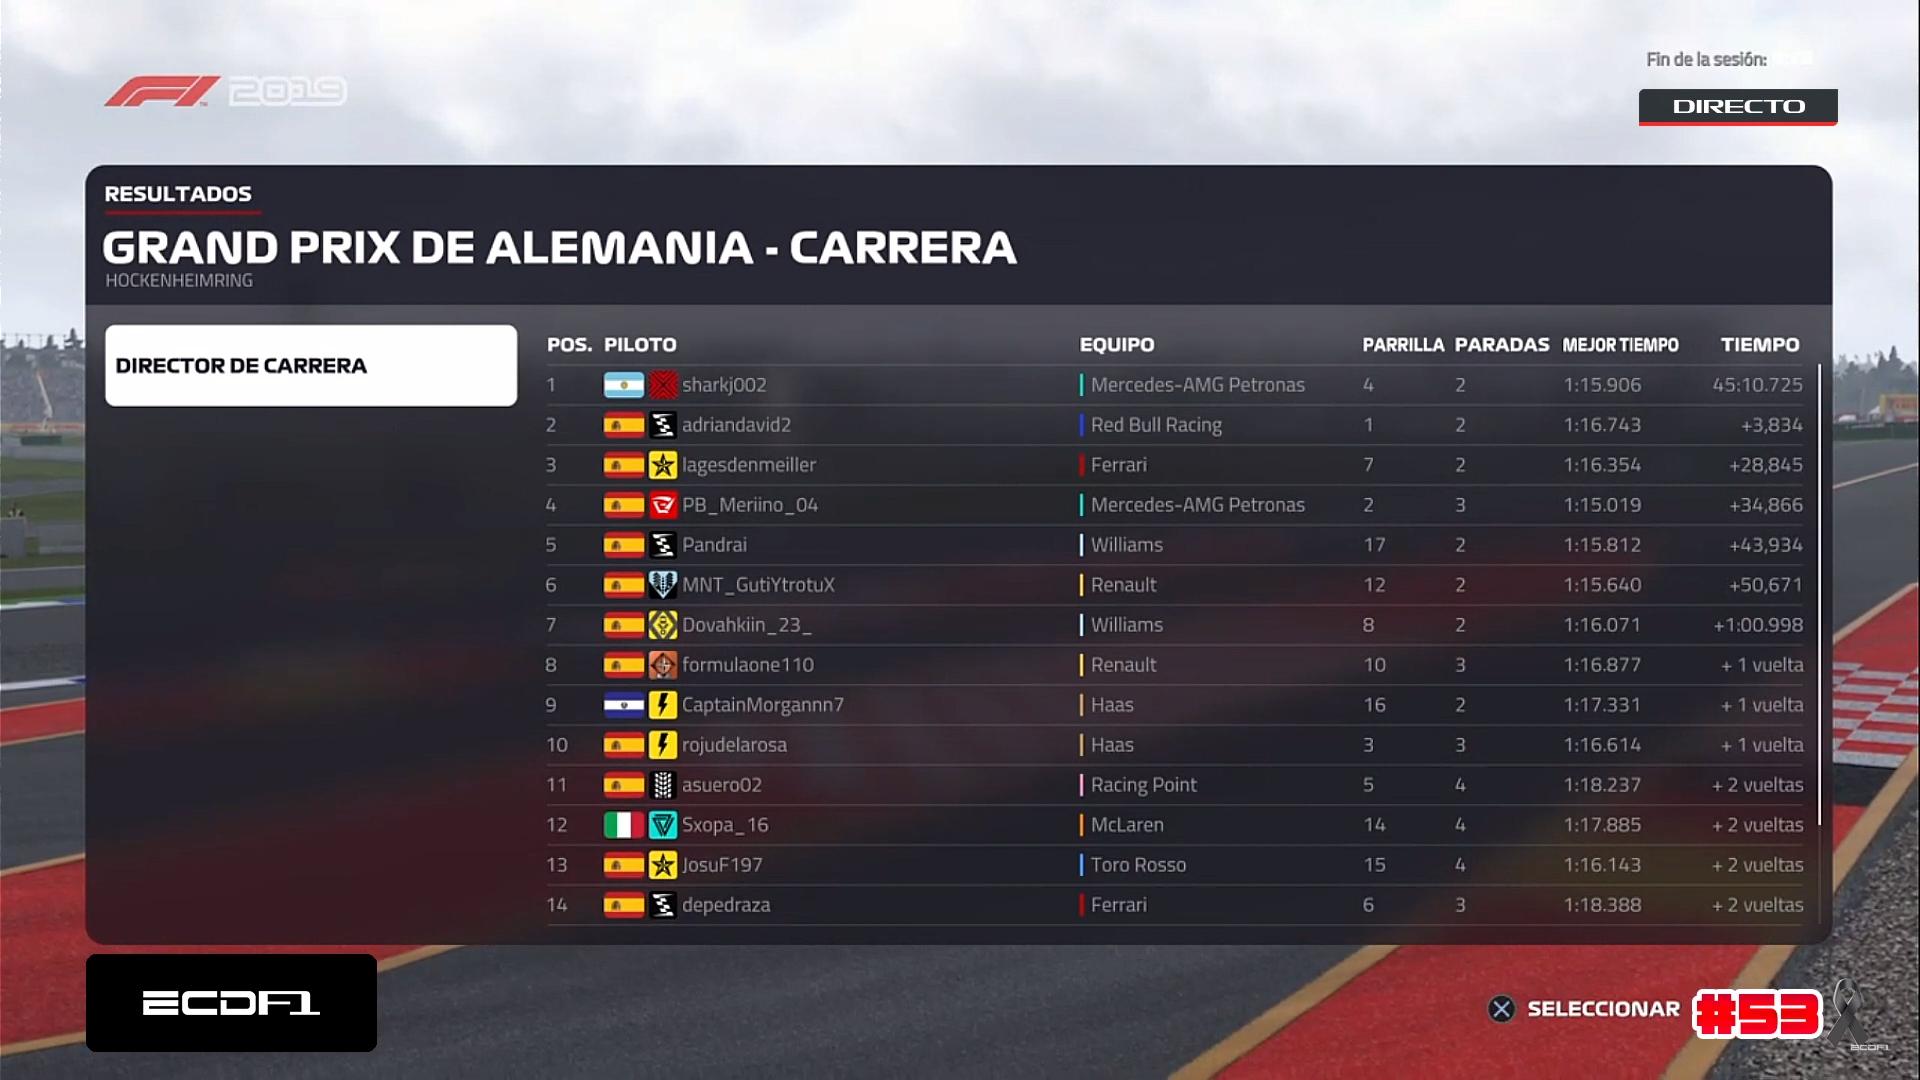 Resultados Gran Premio de Alemania (F1 2019 PS4 T15) Image